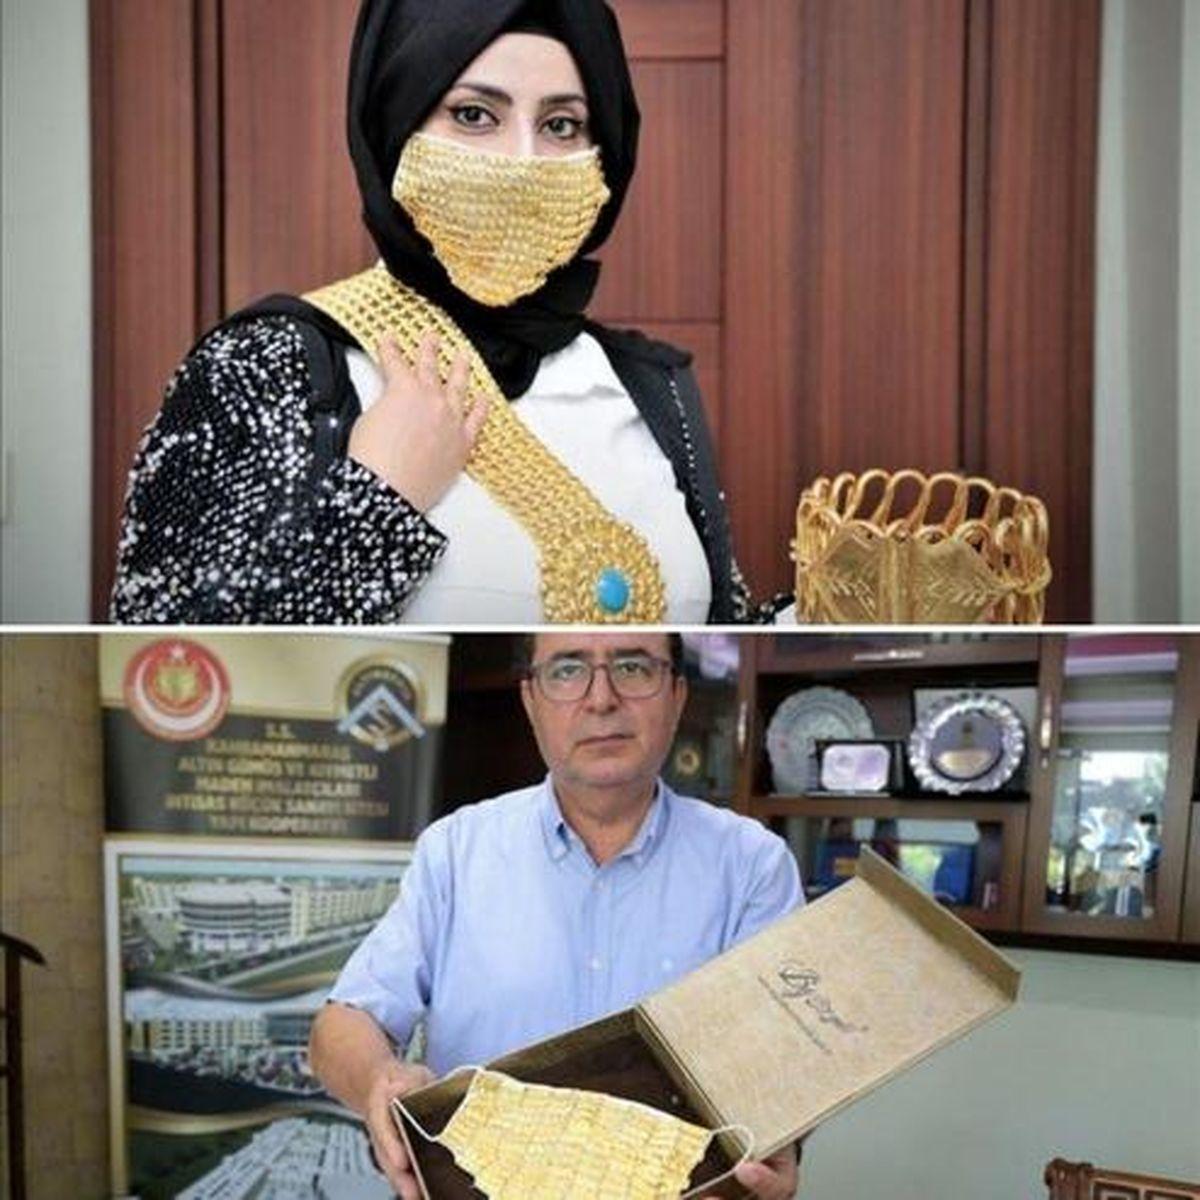 ماسک طلا برای عروس خانمها به بازار آمد! +عکس